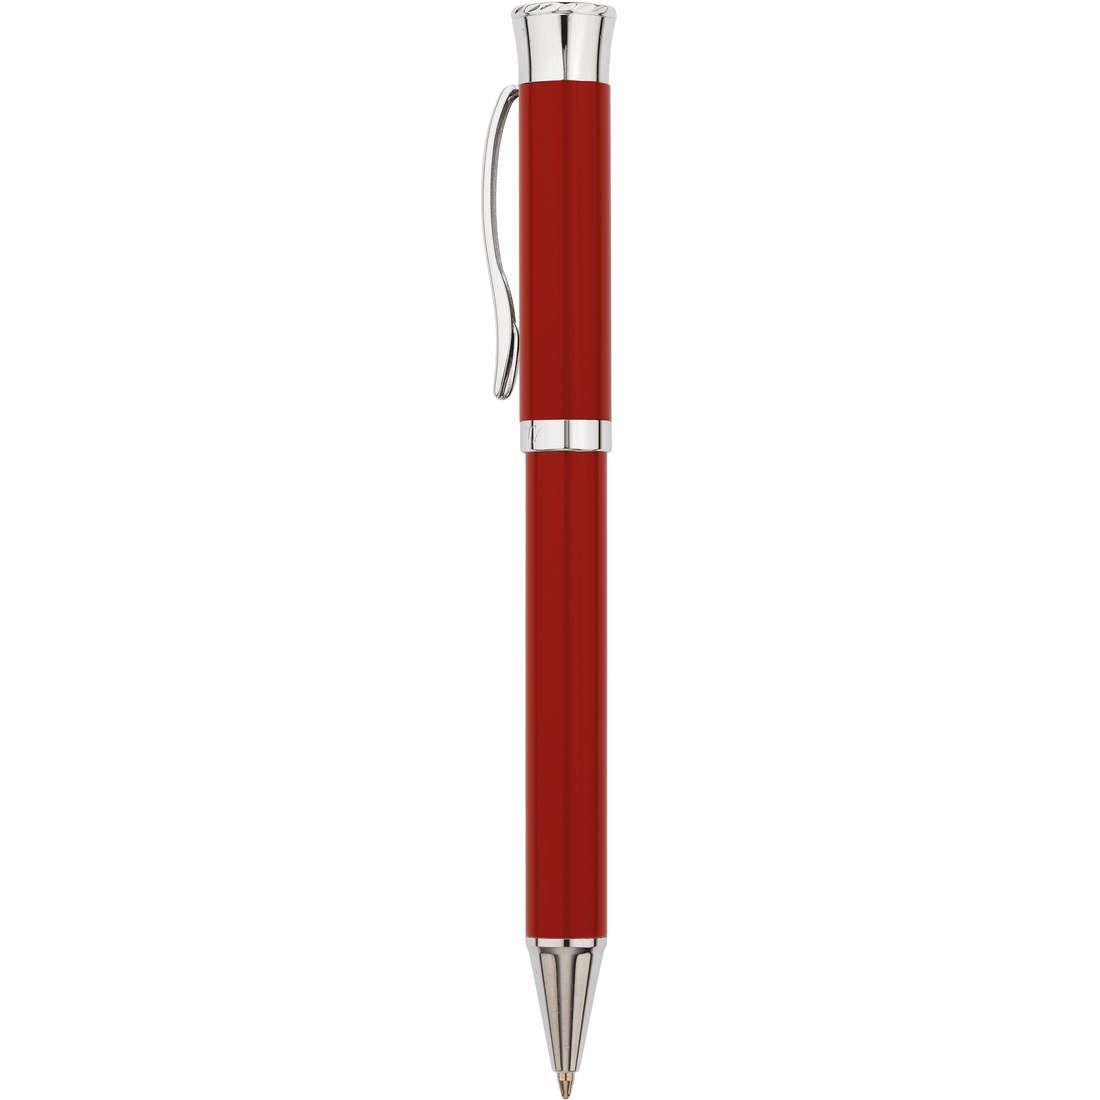 stylo unisex bijoux Bagutta Penne H 6005-01 B